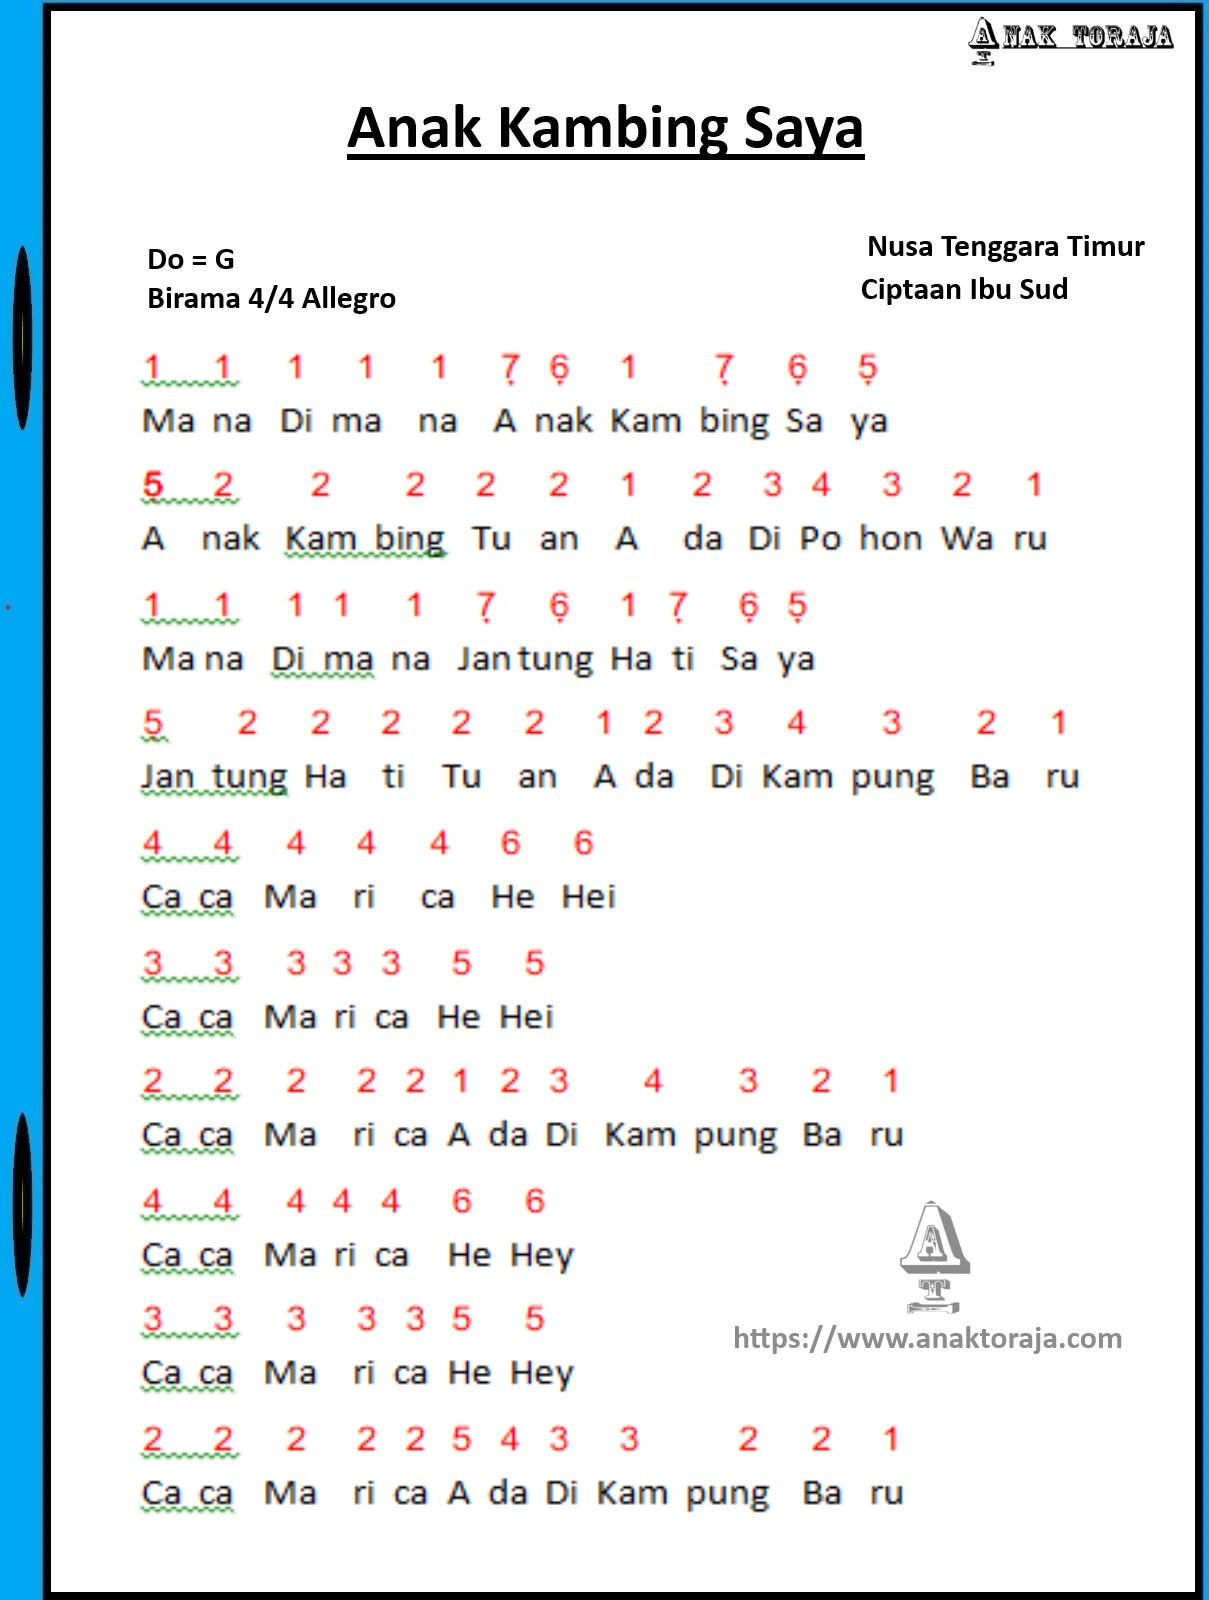 Not Lagu Anak Kambing Saya : kambing, Angka, Kambing